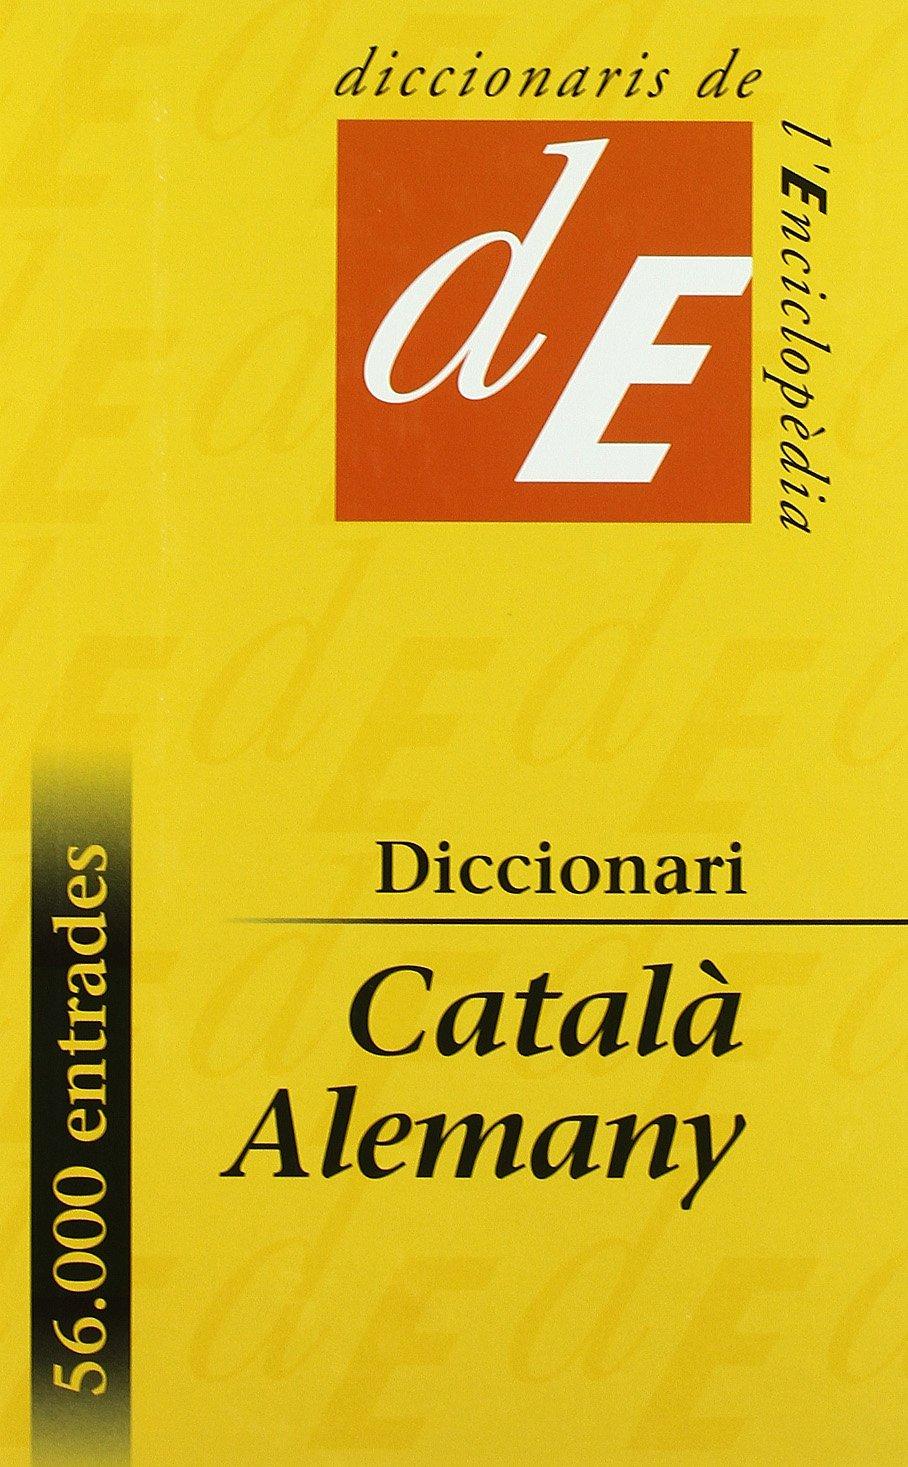 Diccionari Català Alemany  Diccionaris Bilingües Band 44